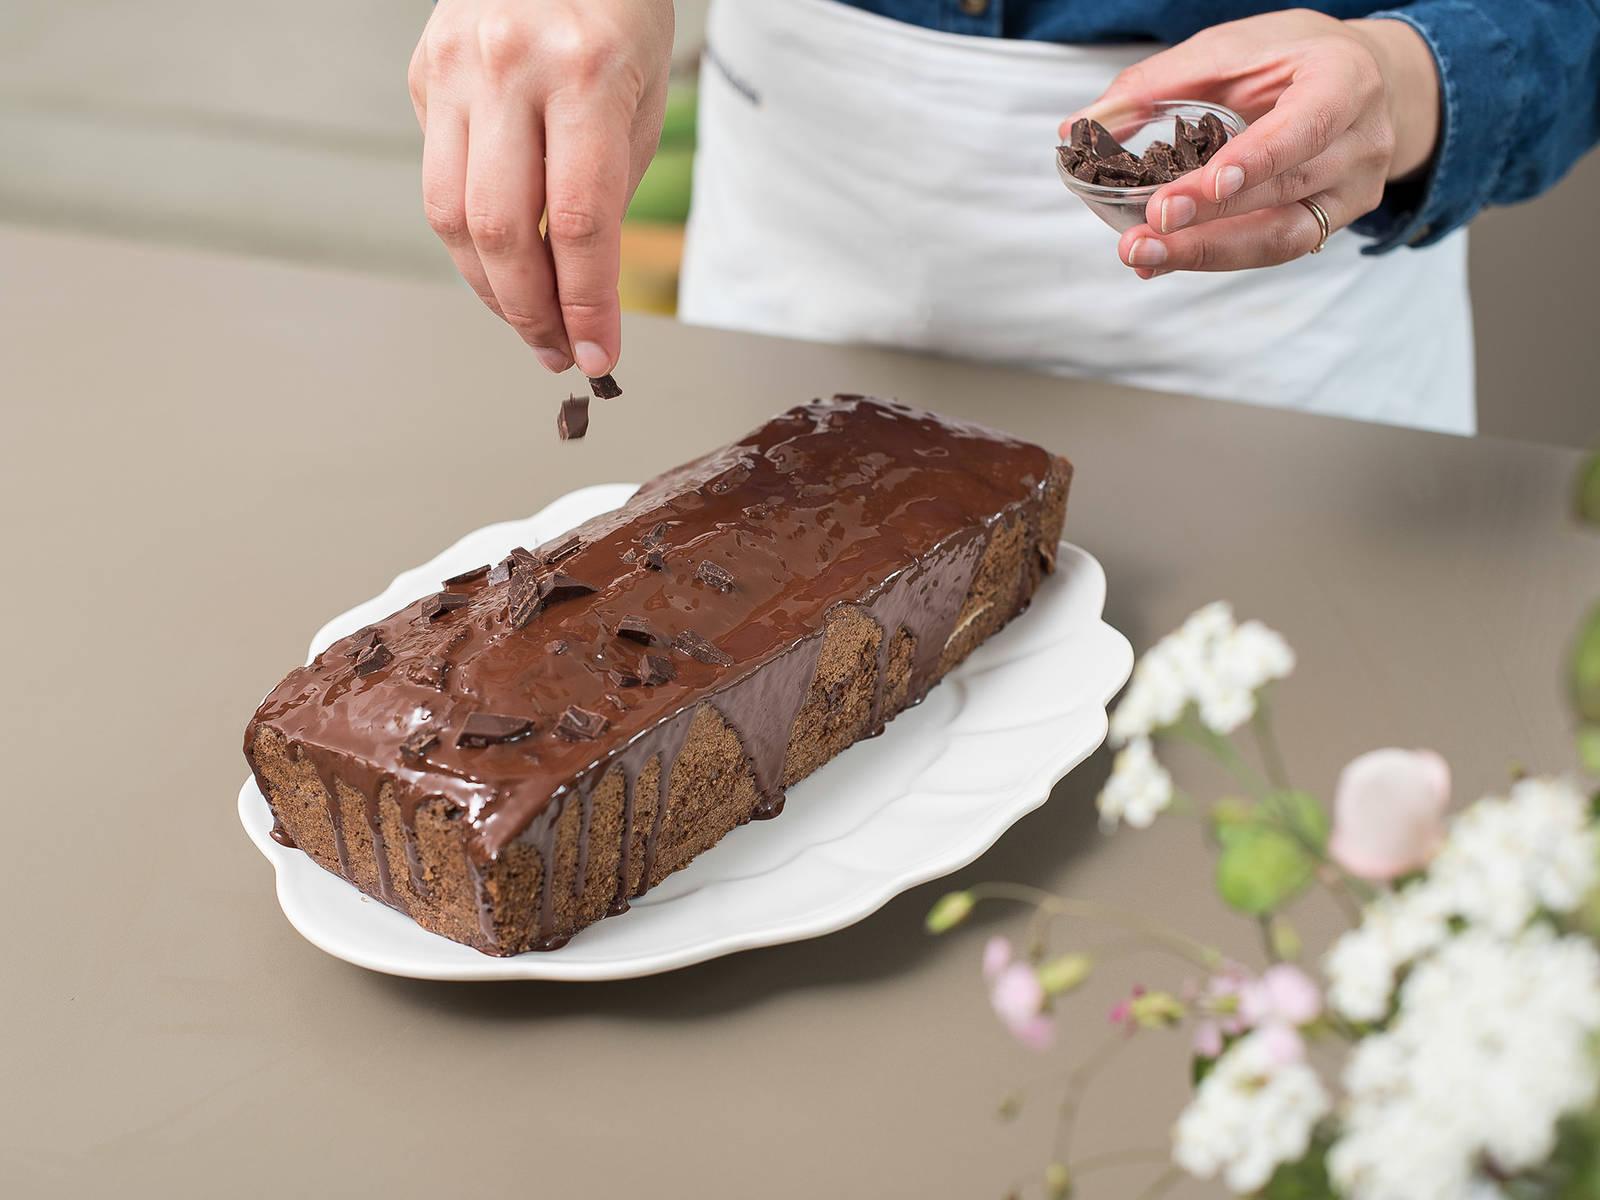 将釉面均匀抹到红酒蛋糕表面。将剩余的巧克力剁碎,撒到蛋糕上。待釉面凝固后,切块享用。祝好胃口!